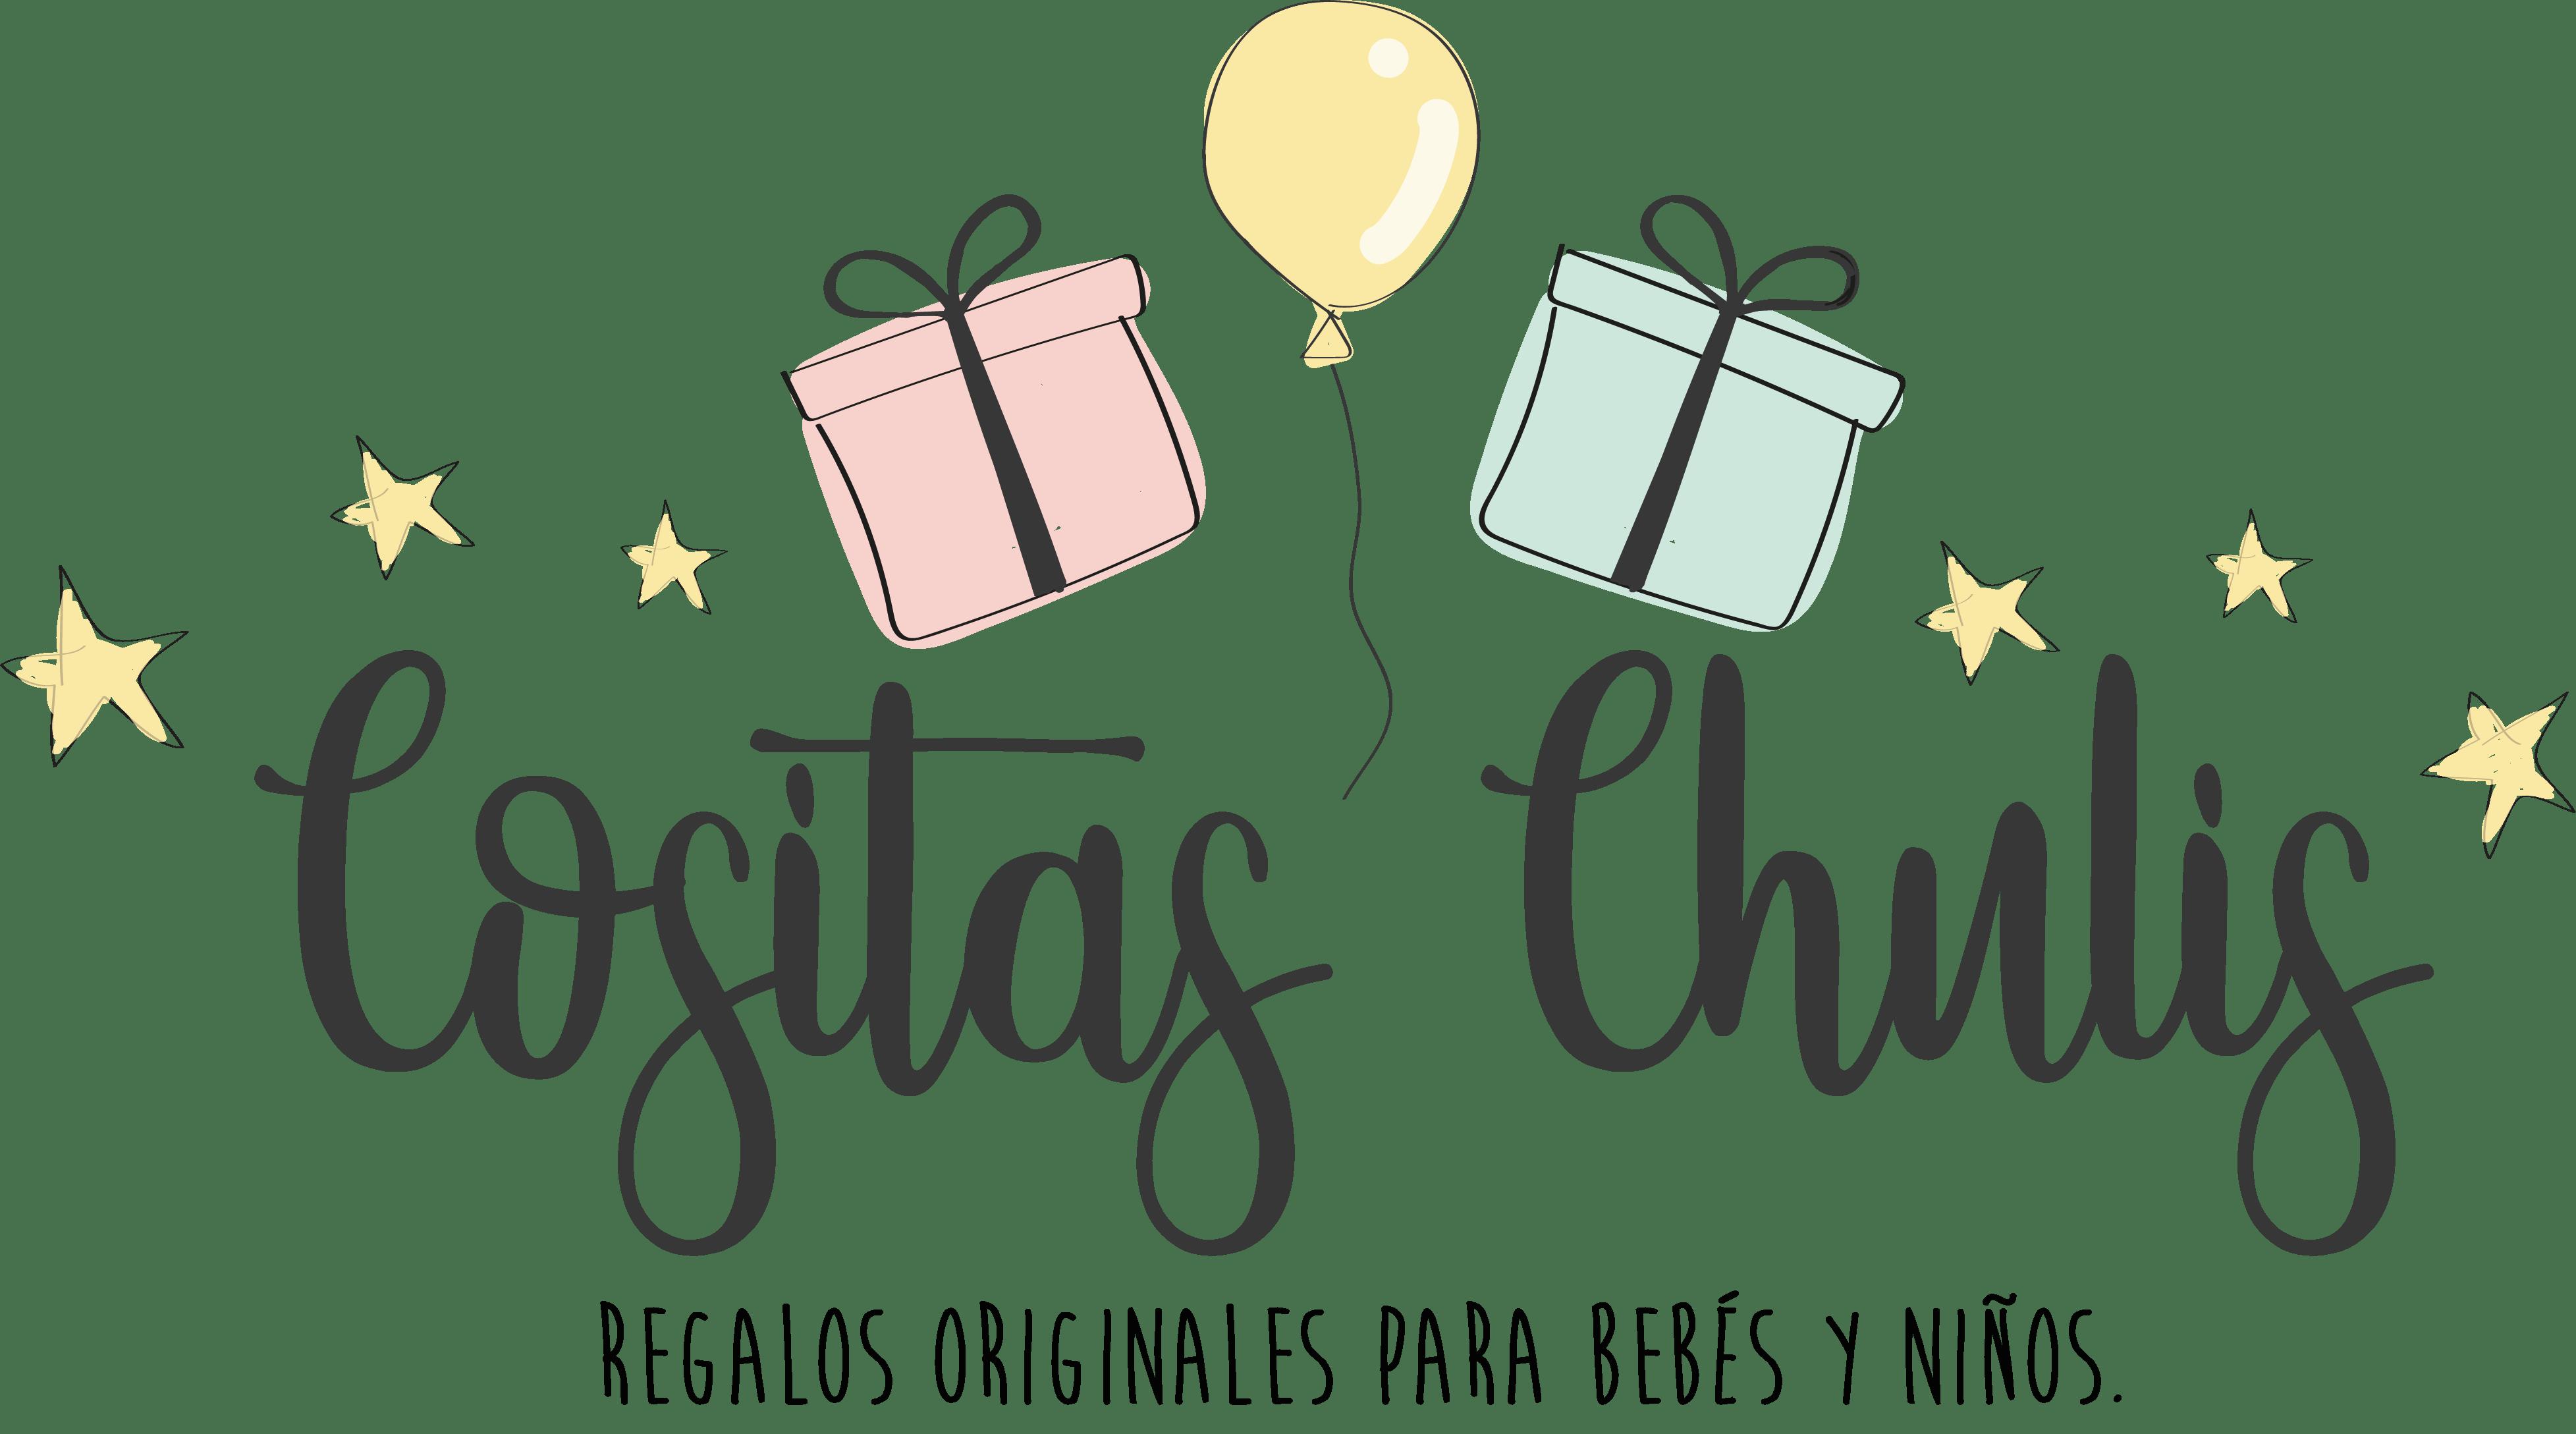 Cositas Chulis